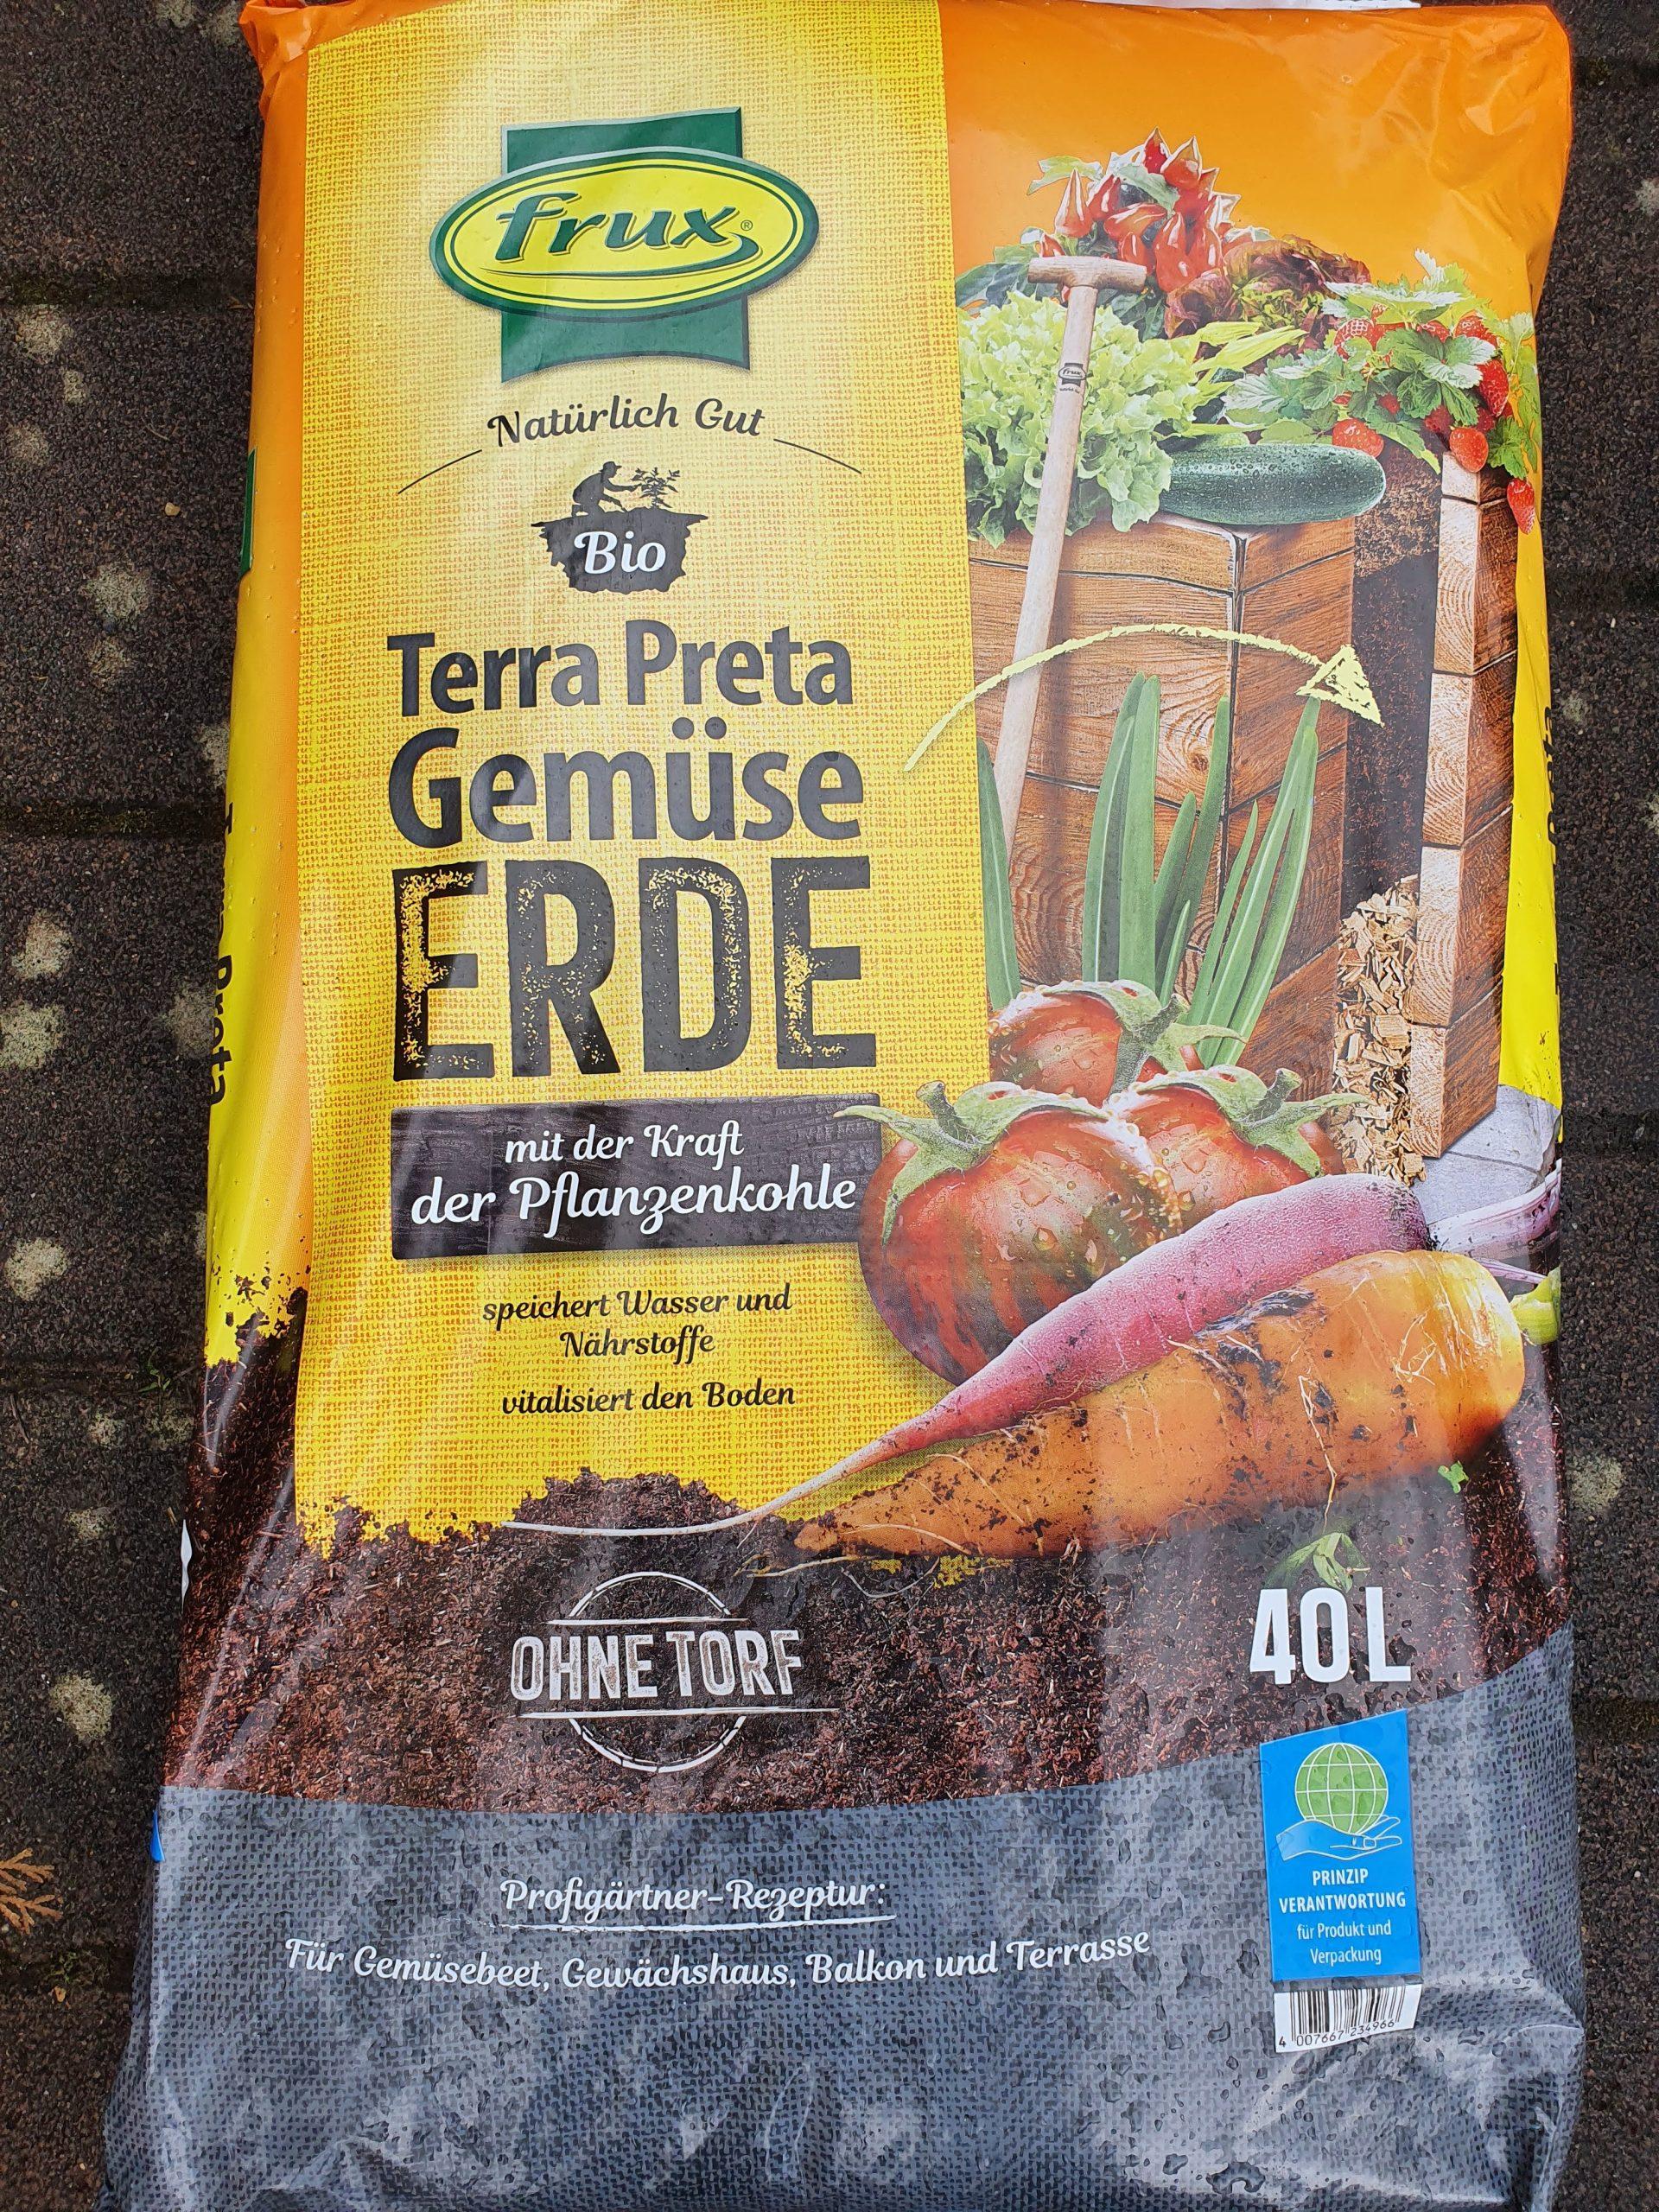 Terra Preta Gemüseerde